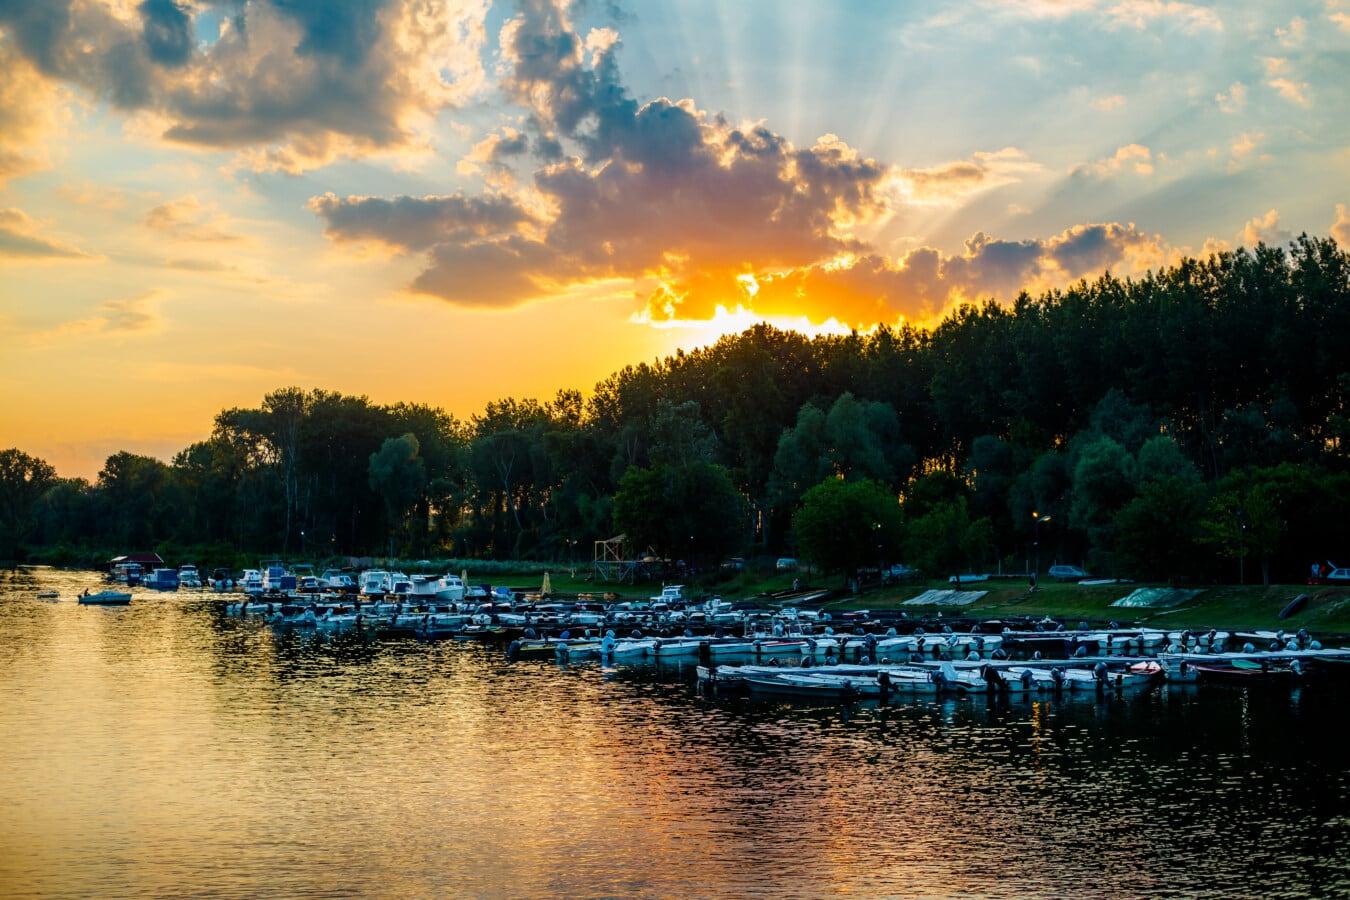 Shore, landskap, sjösidan, sjön, solnedgång, skogen, vatten, reflektion, gryning, floden